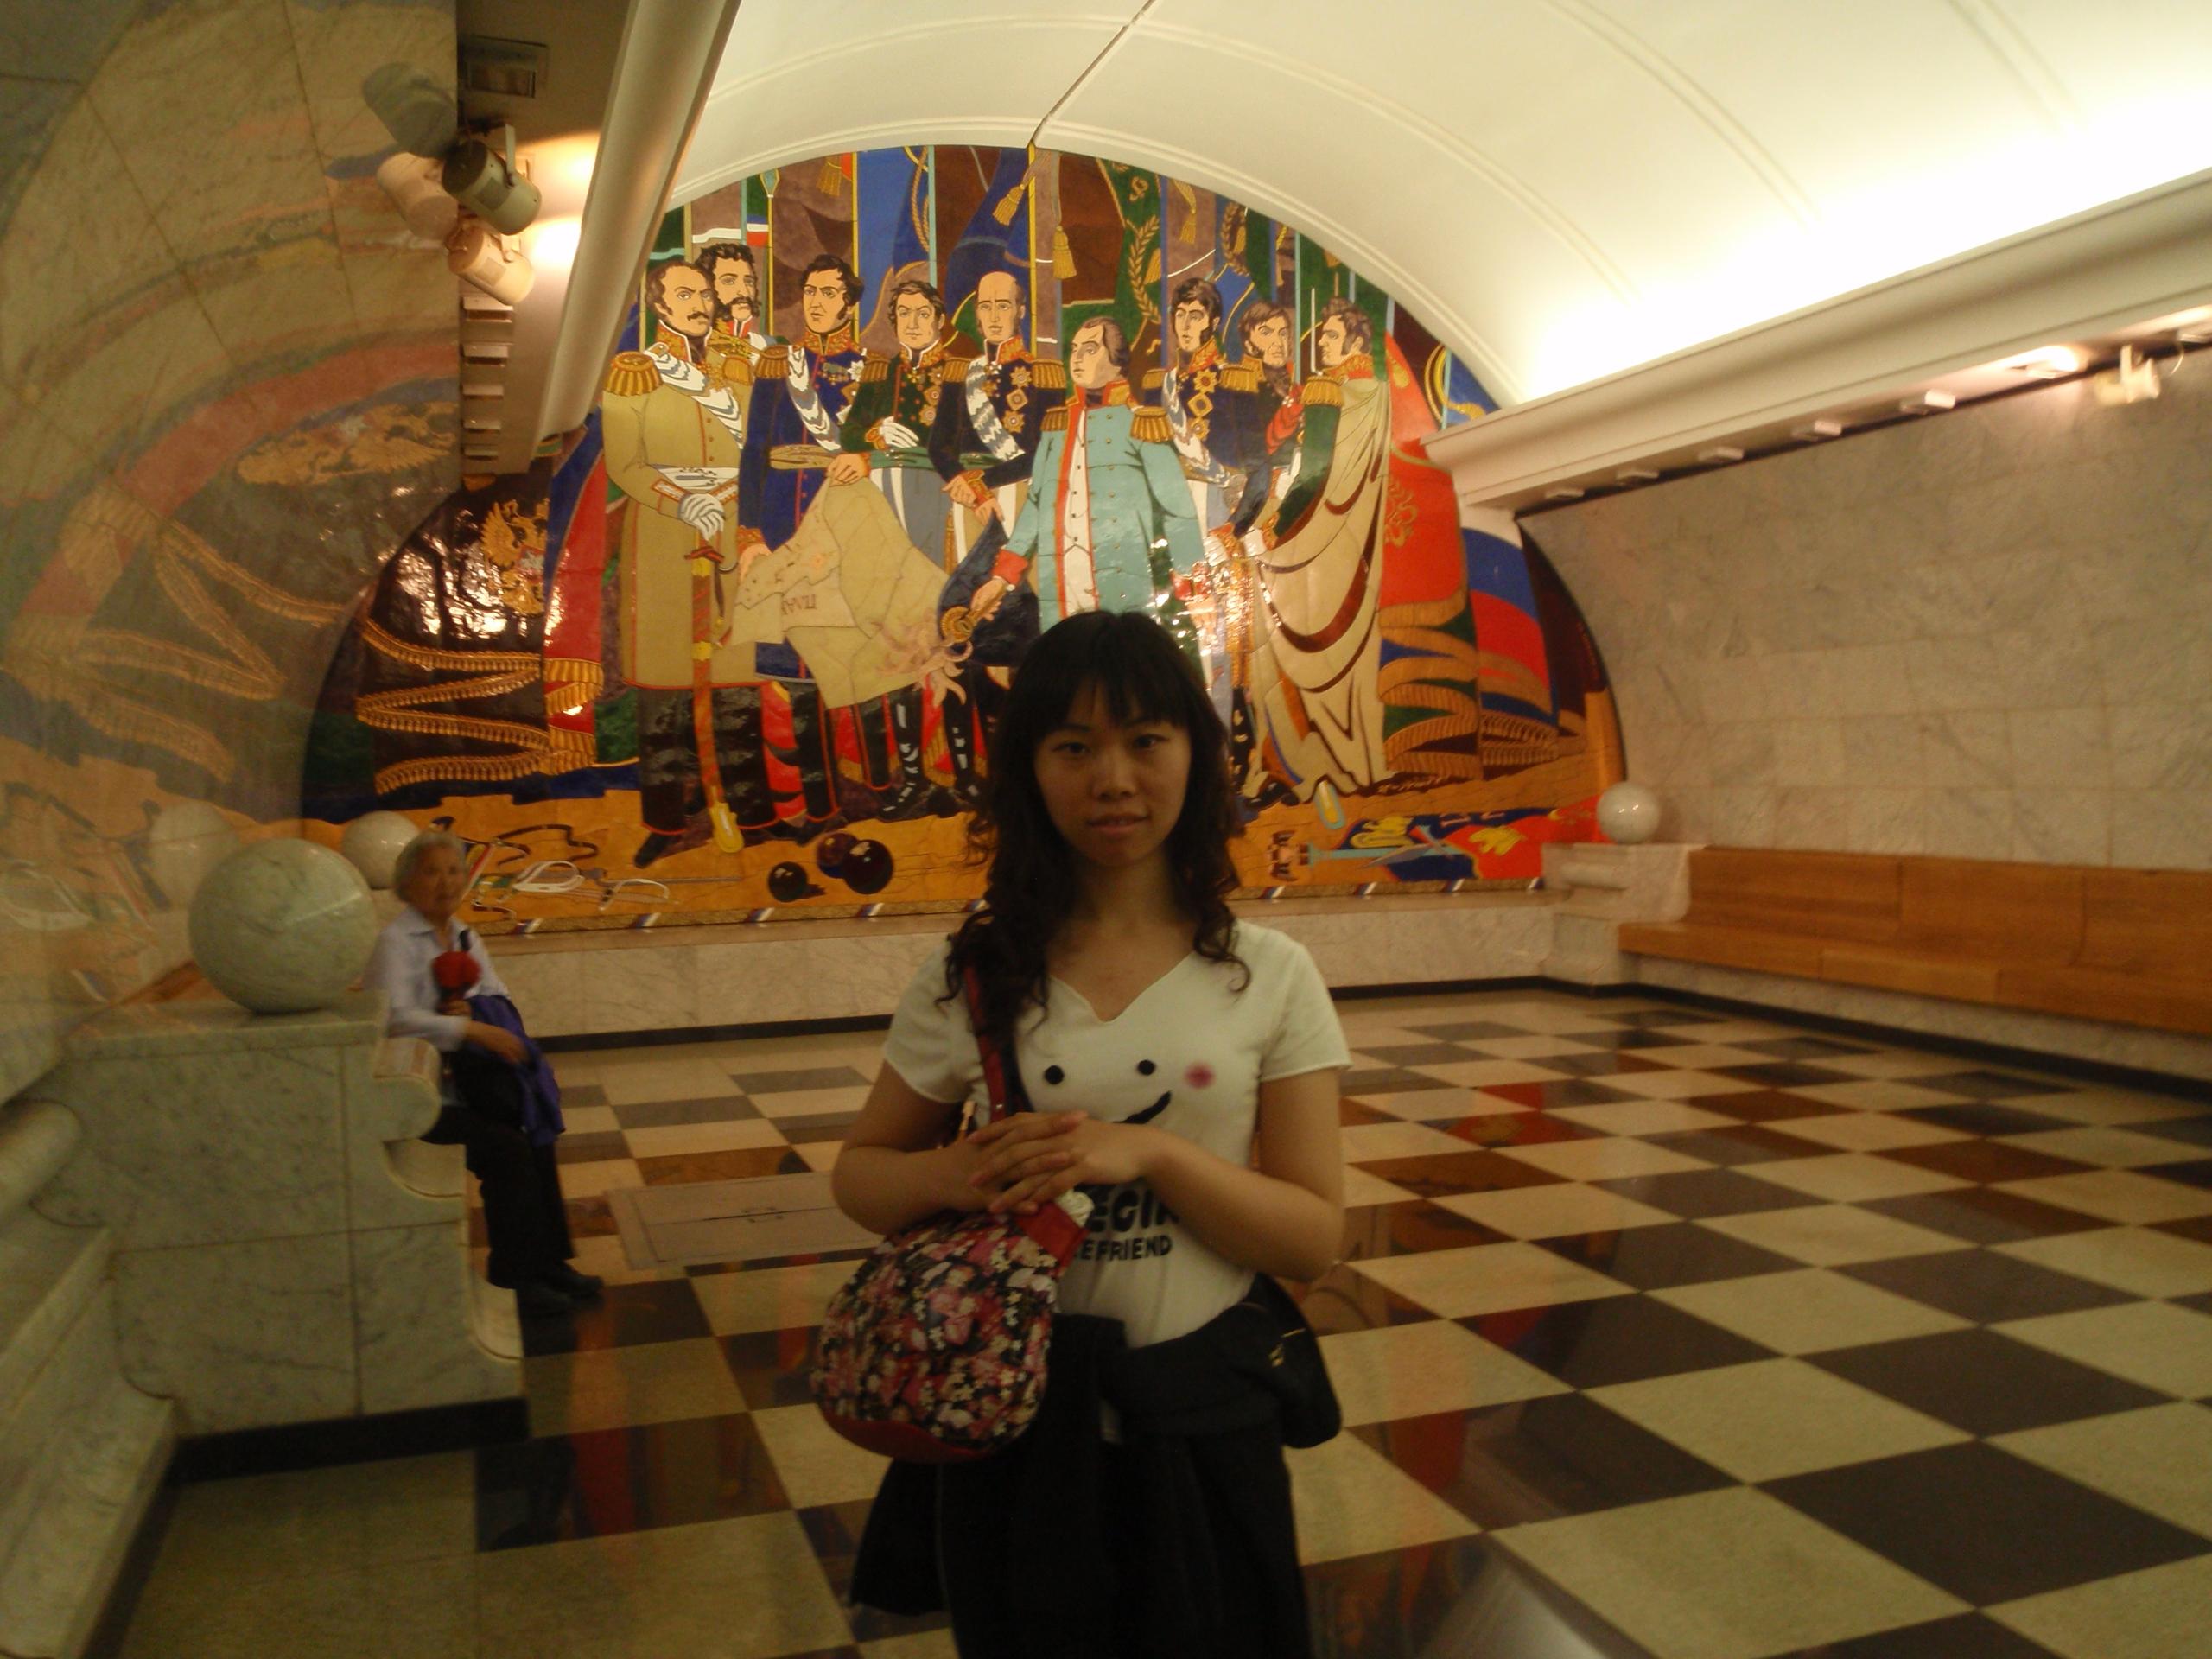 欧式楼梯,罗马柱,墙上的壁画和挂画,大理石色的座椅,圆形的天花板,每